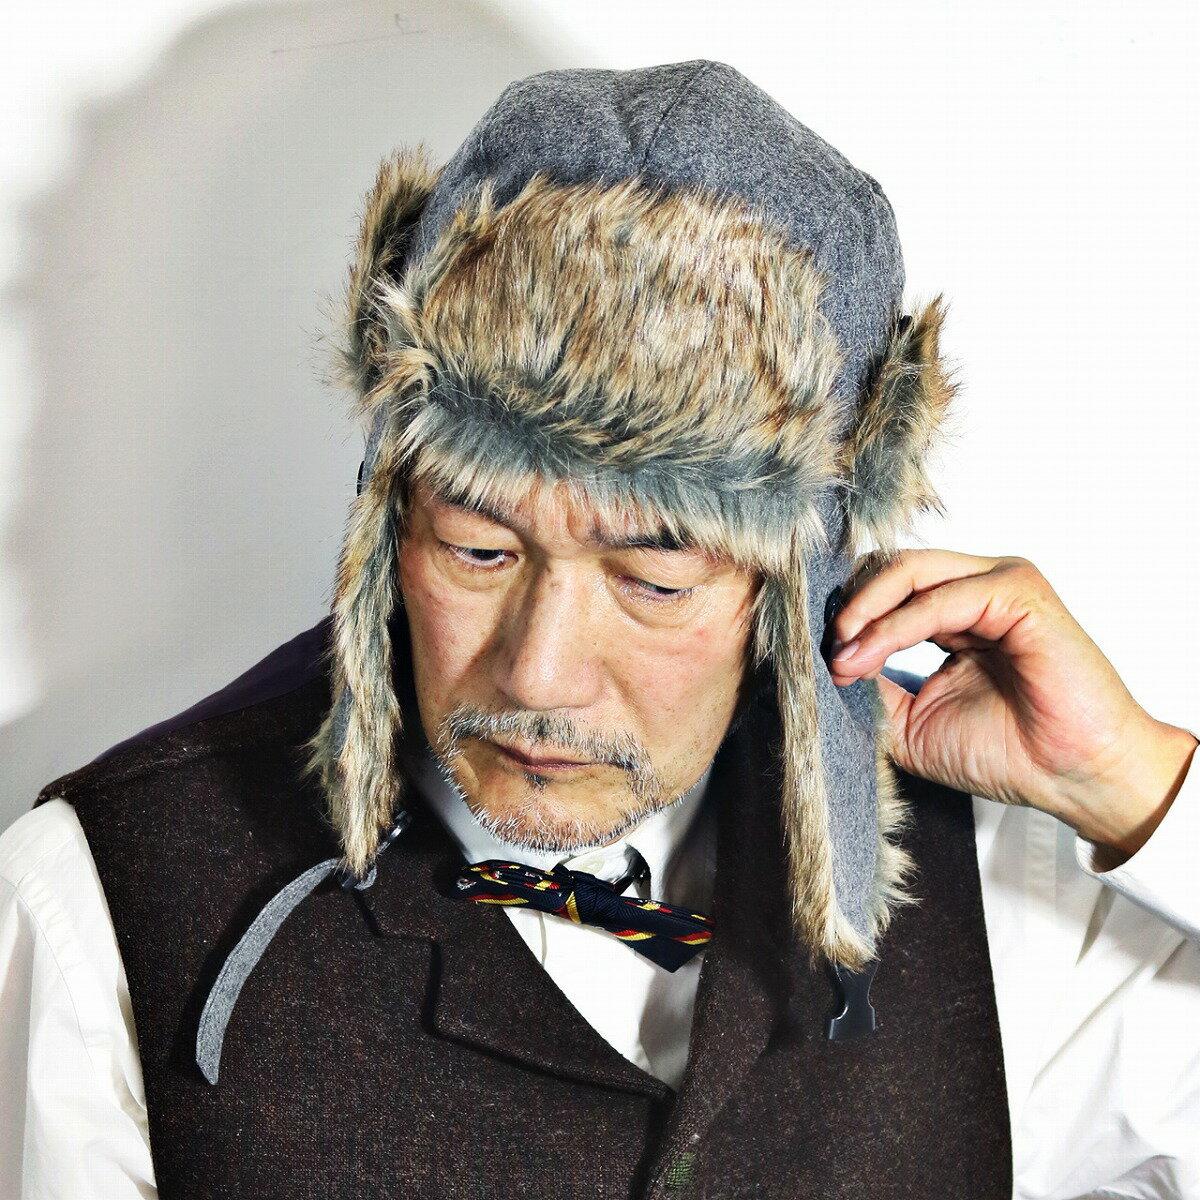 飛行帽 ファー 帽子 フライトキャップ キャップ 男女兼用 フラノ素材 飛行帽子 メンズ トラッパーキャップ レディース 防寒帽子 灰色 グレー  [ ear muff ] [ flying cap ] ( クリスマス ギフト包装 ラッピング 無料 )